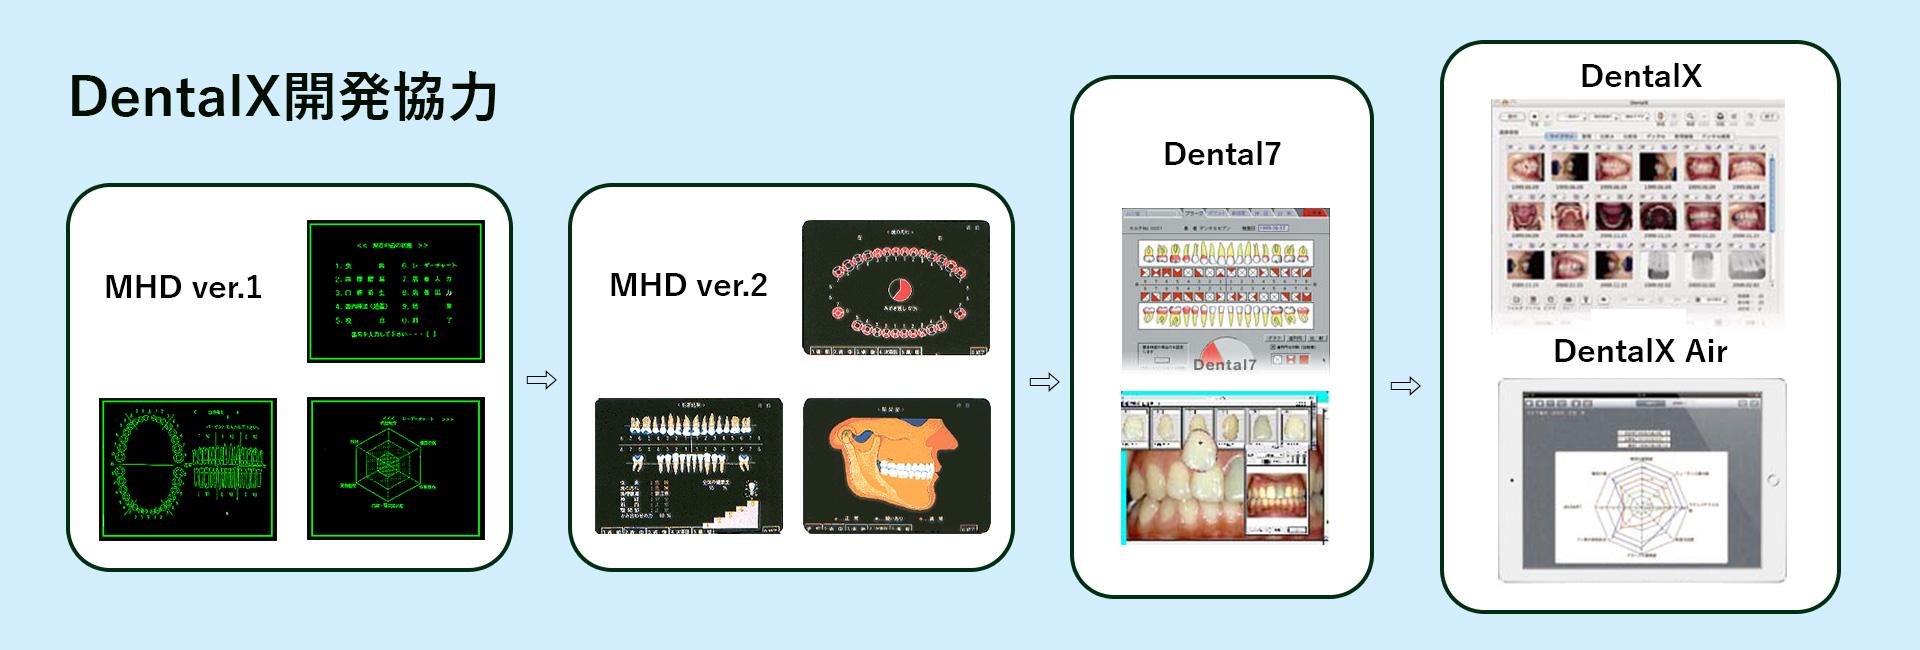 DentalX開発協力